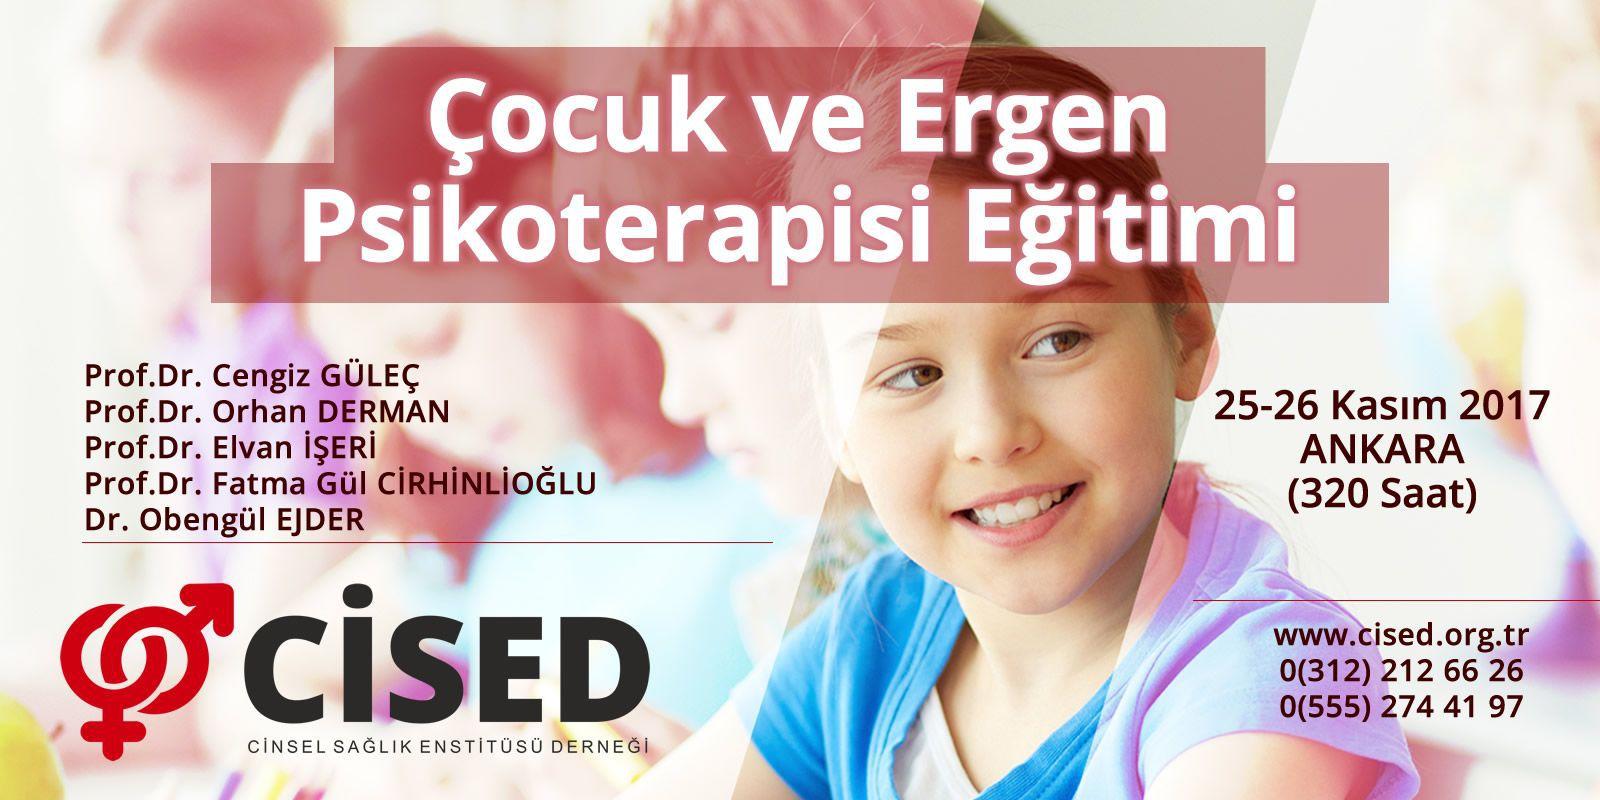 Çocuk ve Ergen Psikoterapisi Eğitimi